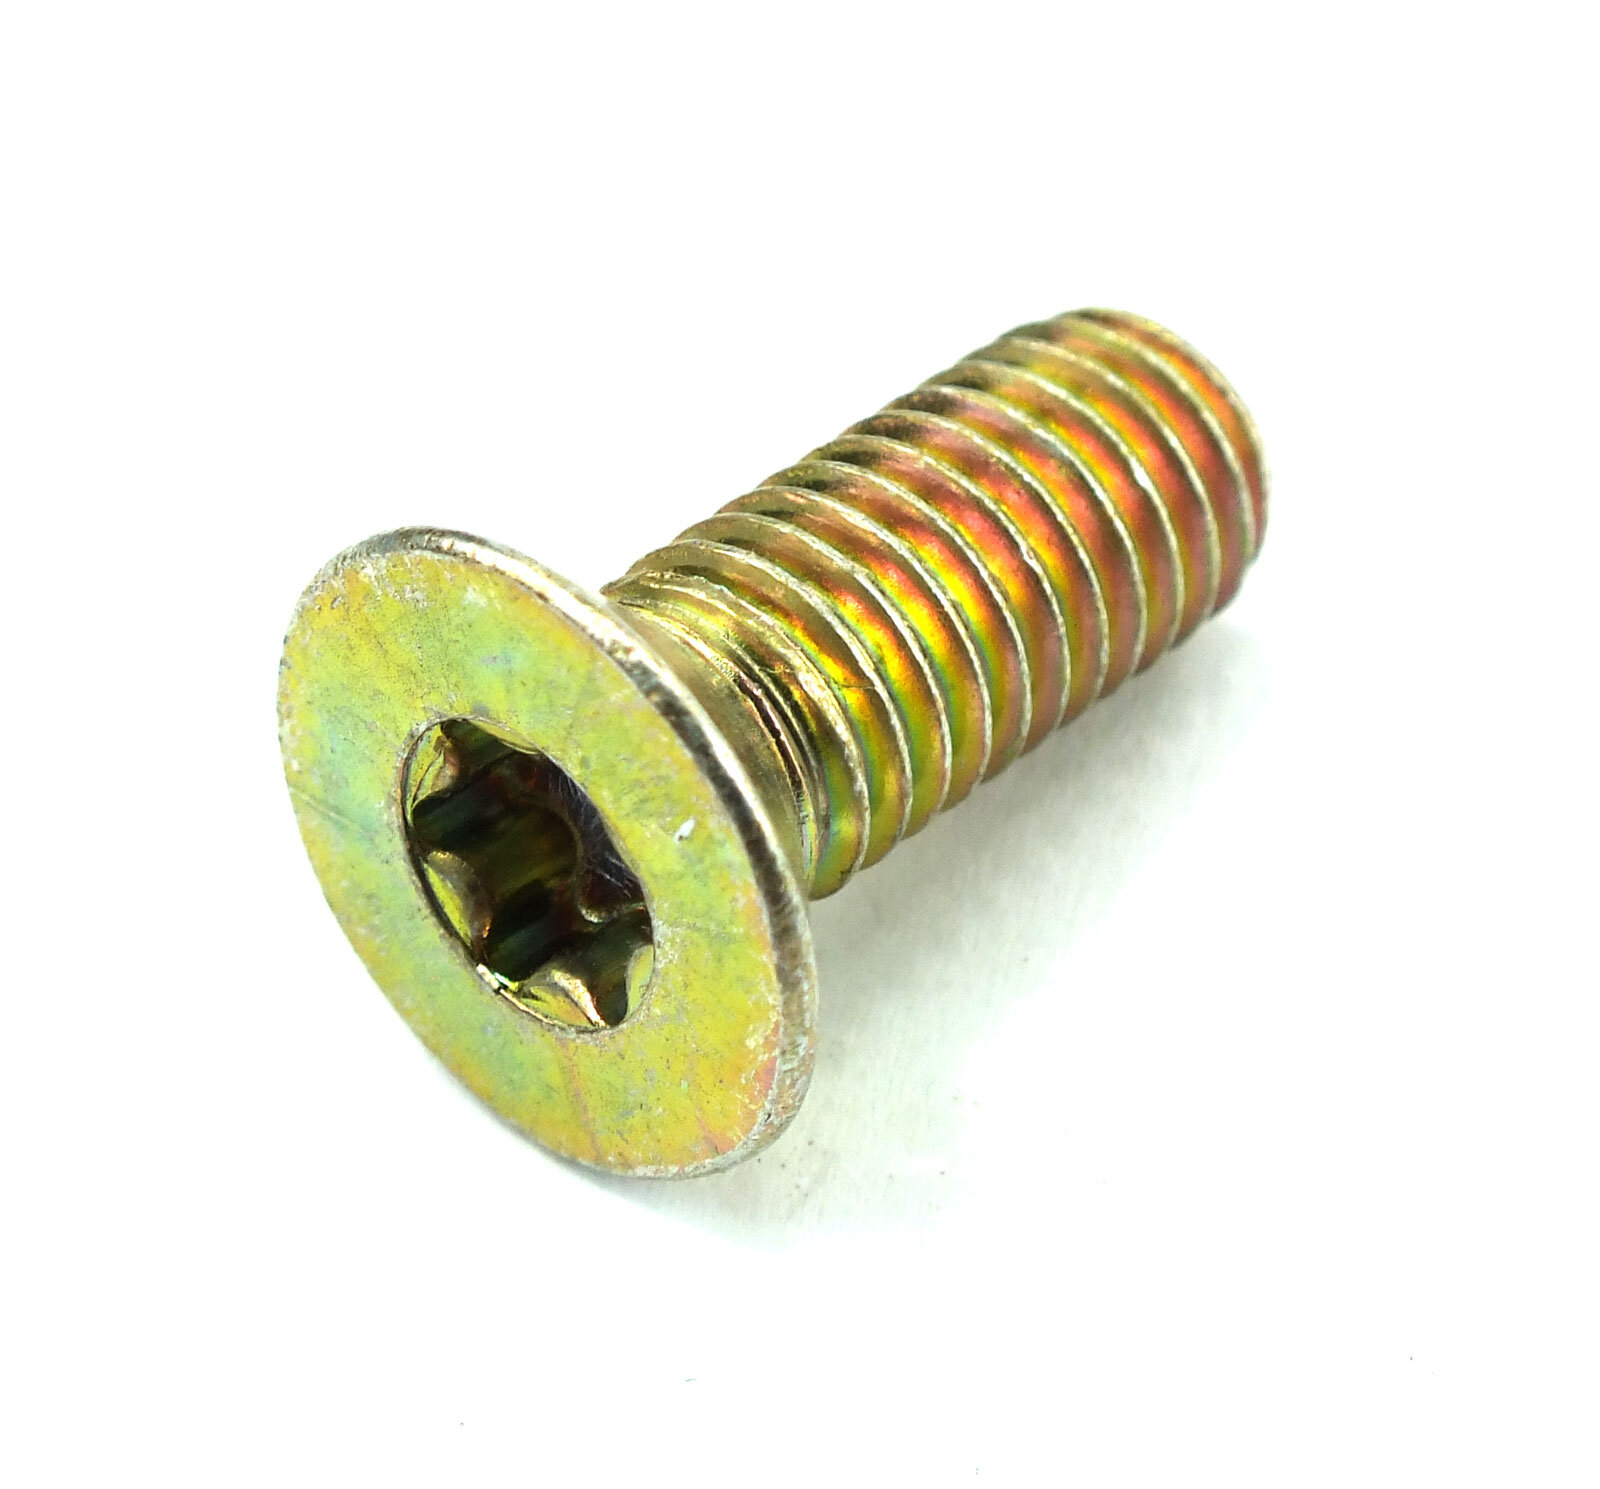 25 St M8 x 20 mm Senkkopf Torx 8.8 gelb DIN 965 Schraube Lagerauflösung S412-25